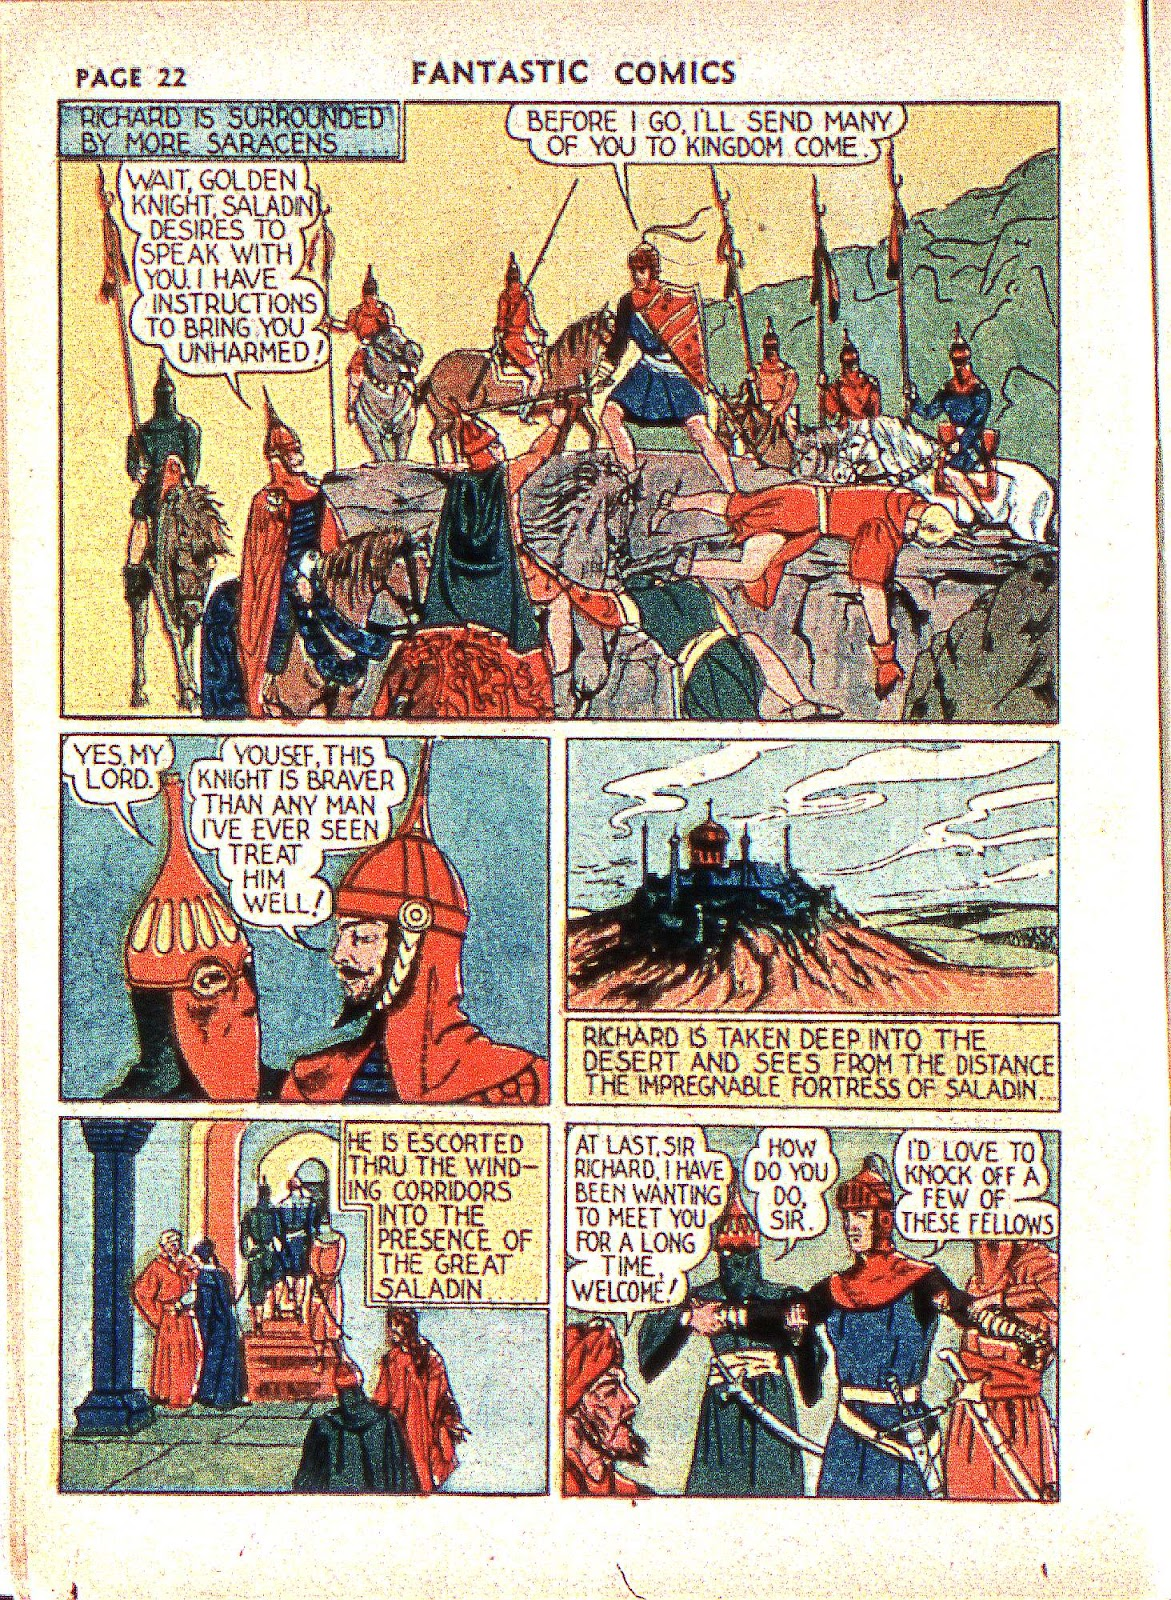 Read online Fantastic Comics comic -  Issue #2 - 24